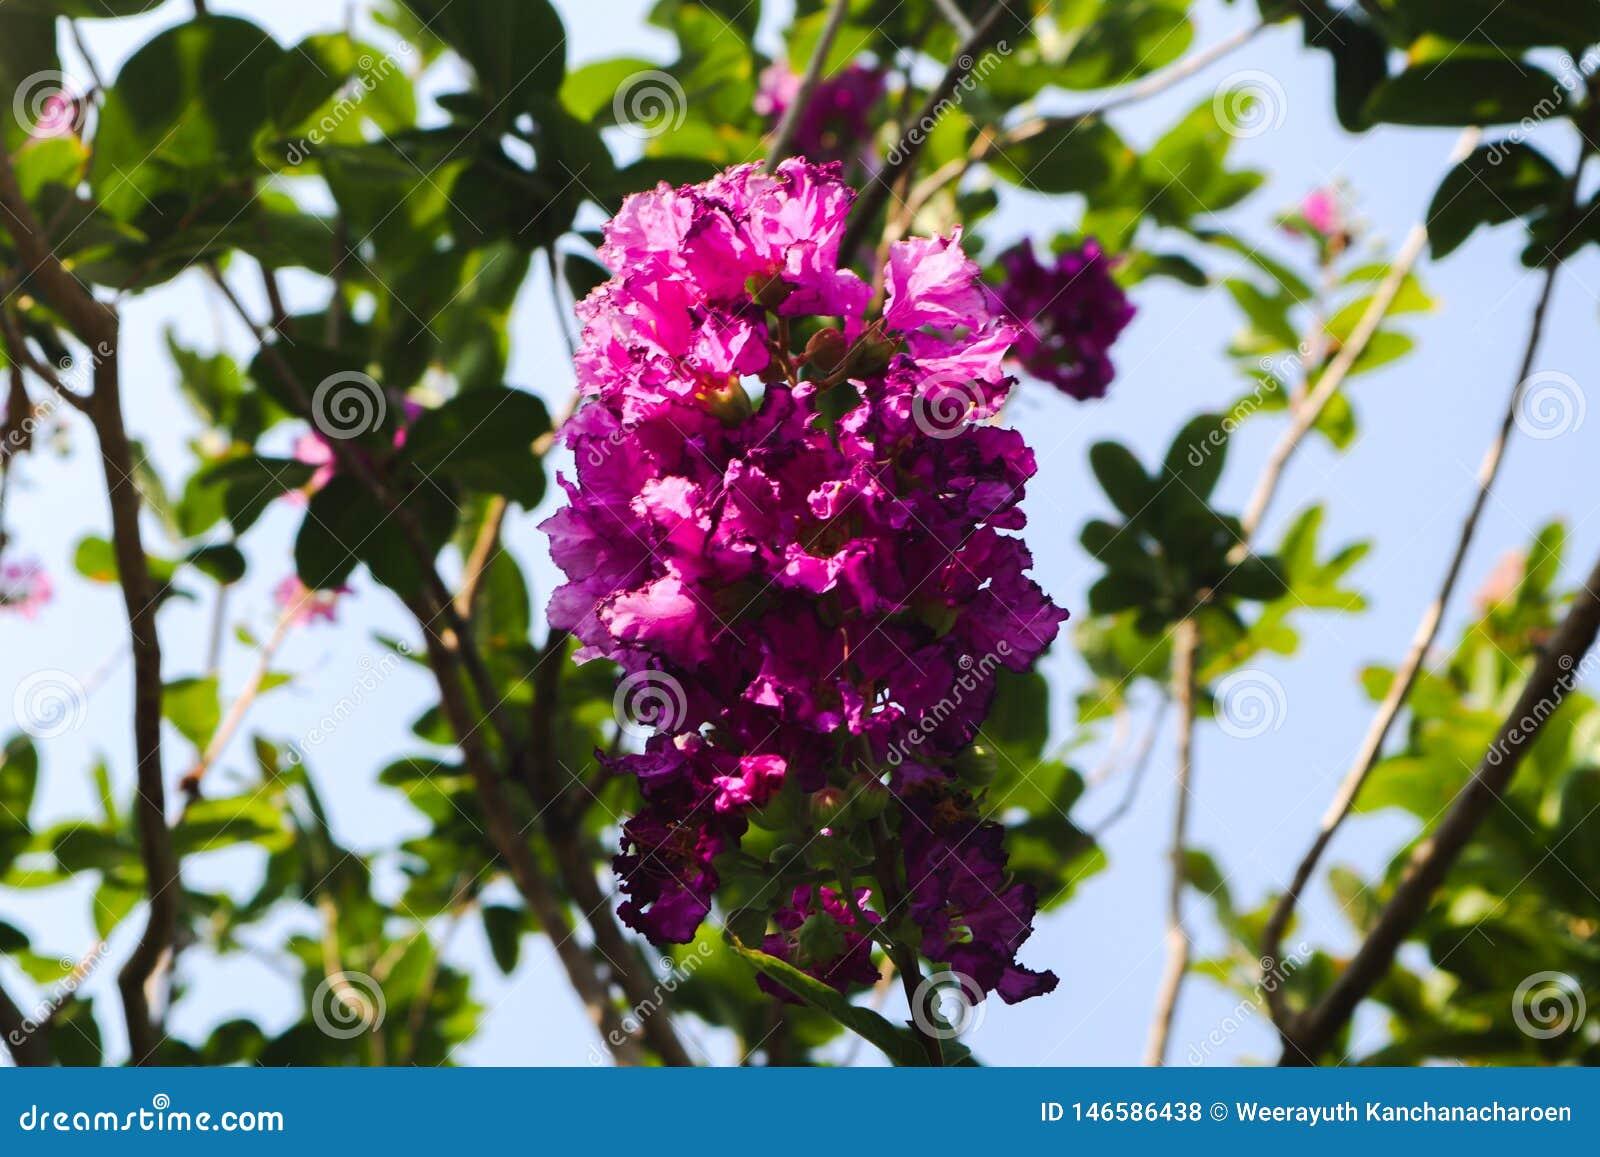 ?rvore, plantas, pedra da floresta e flores verdes bonitas nos jardins exteriores e nos parques p?blicos